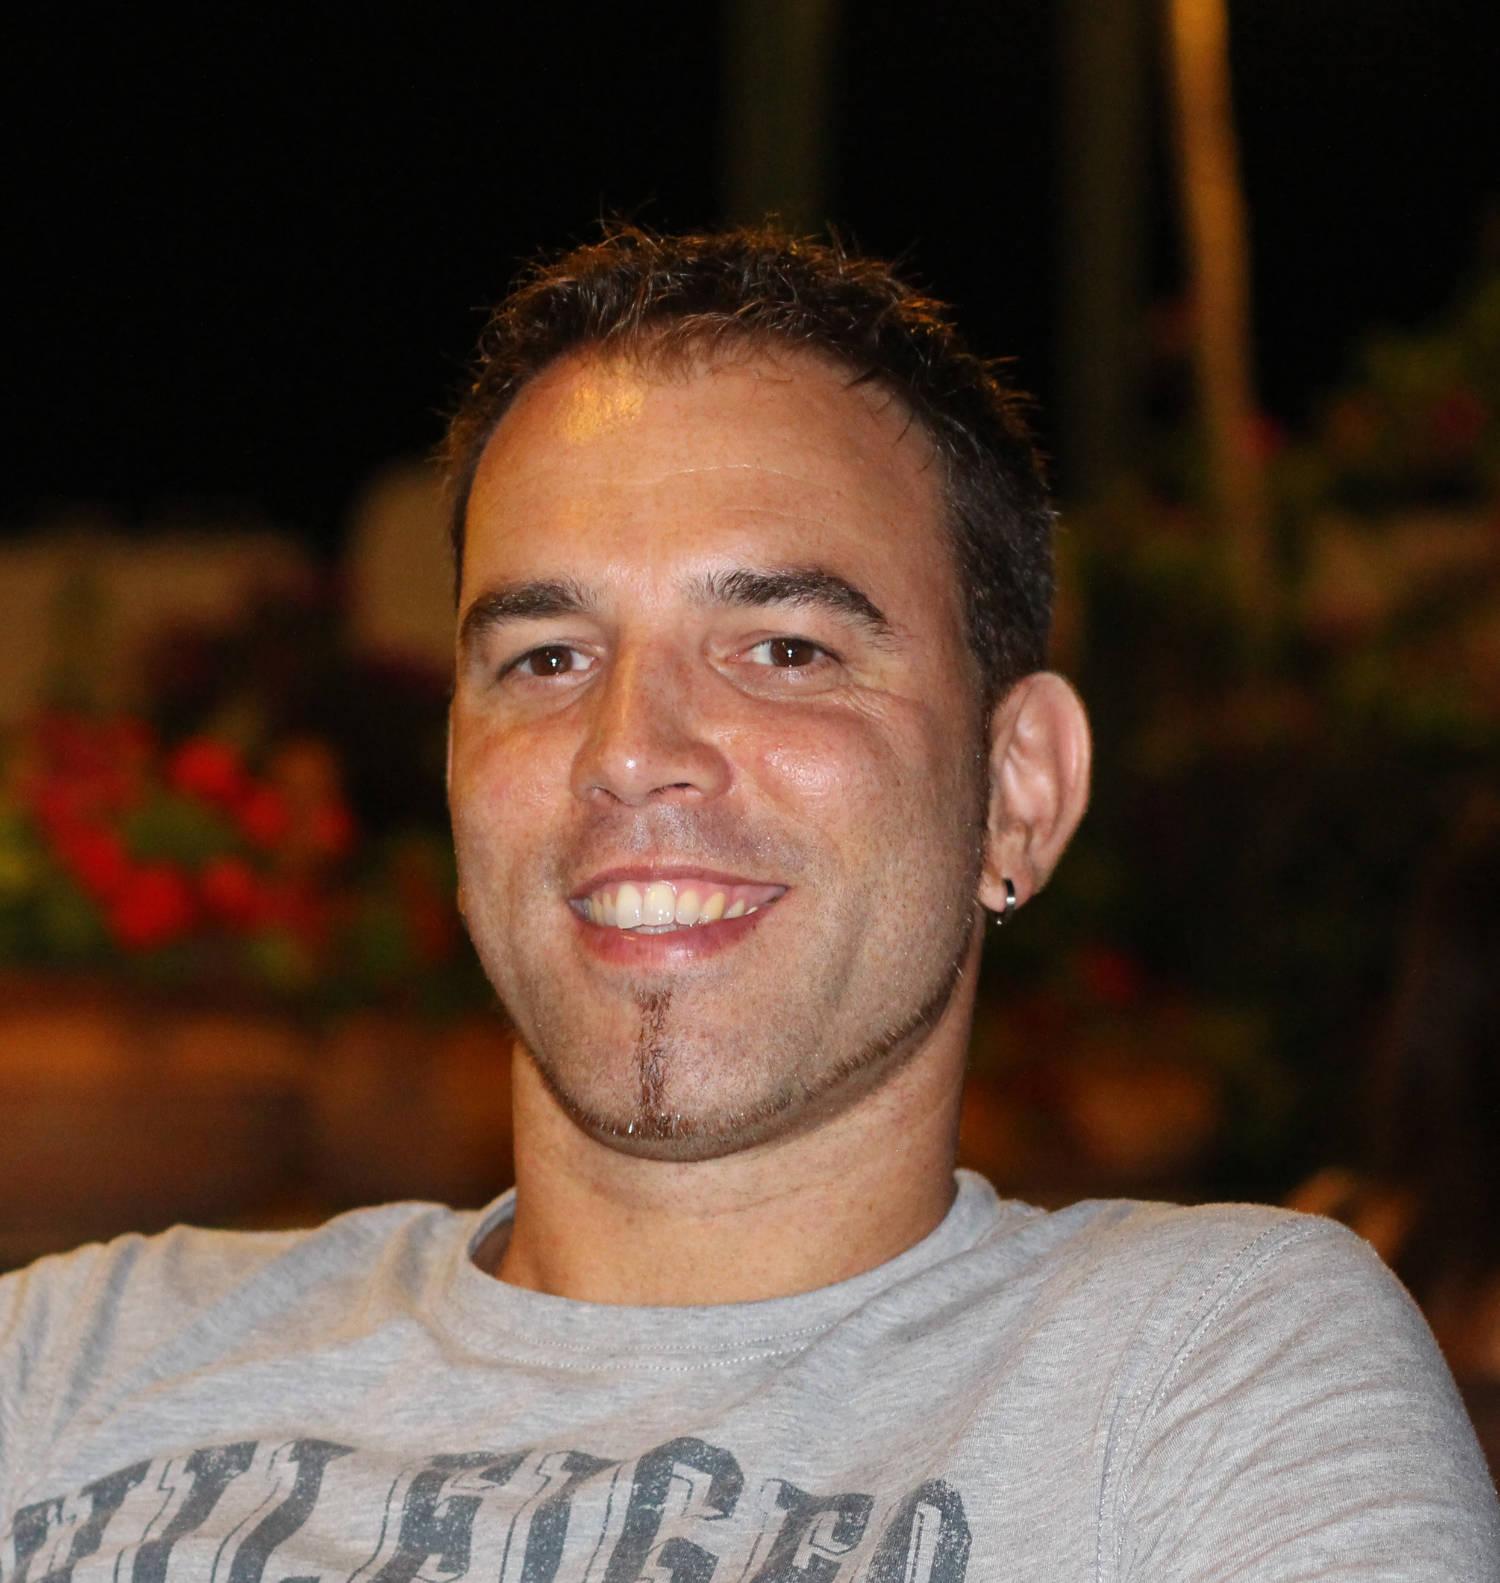 Bananapapa_Christoph_Profil_Portrait